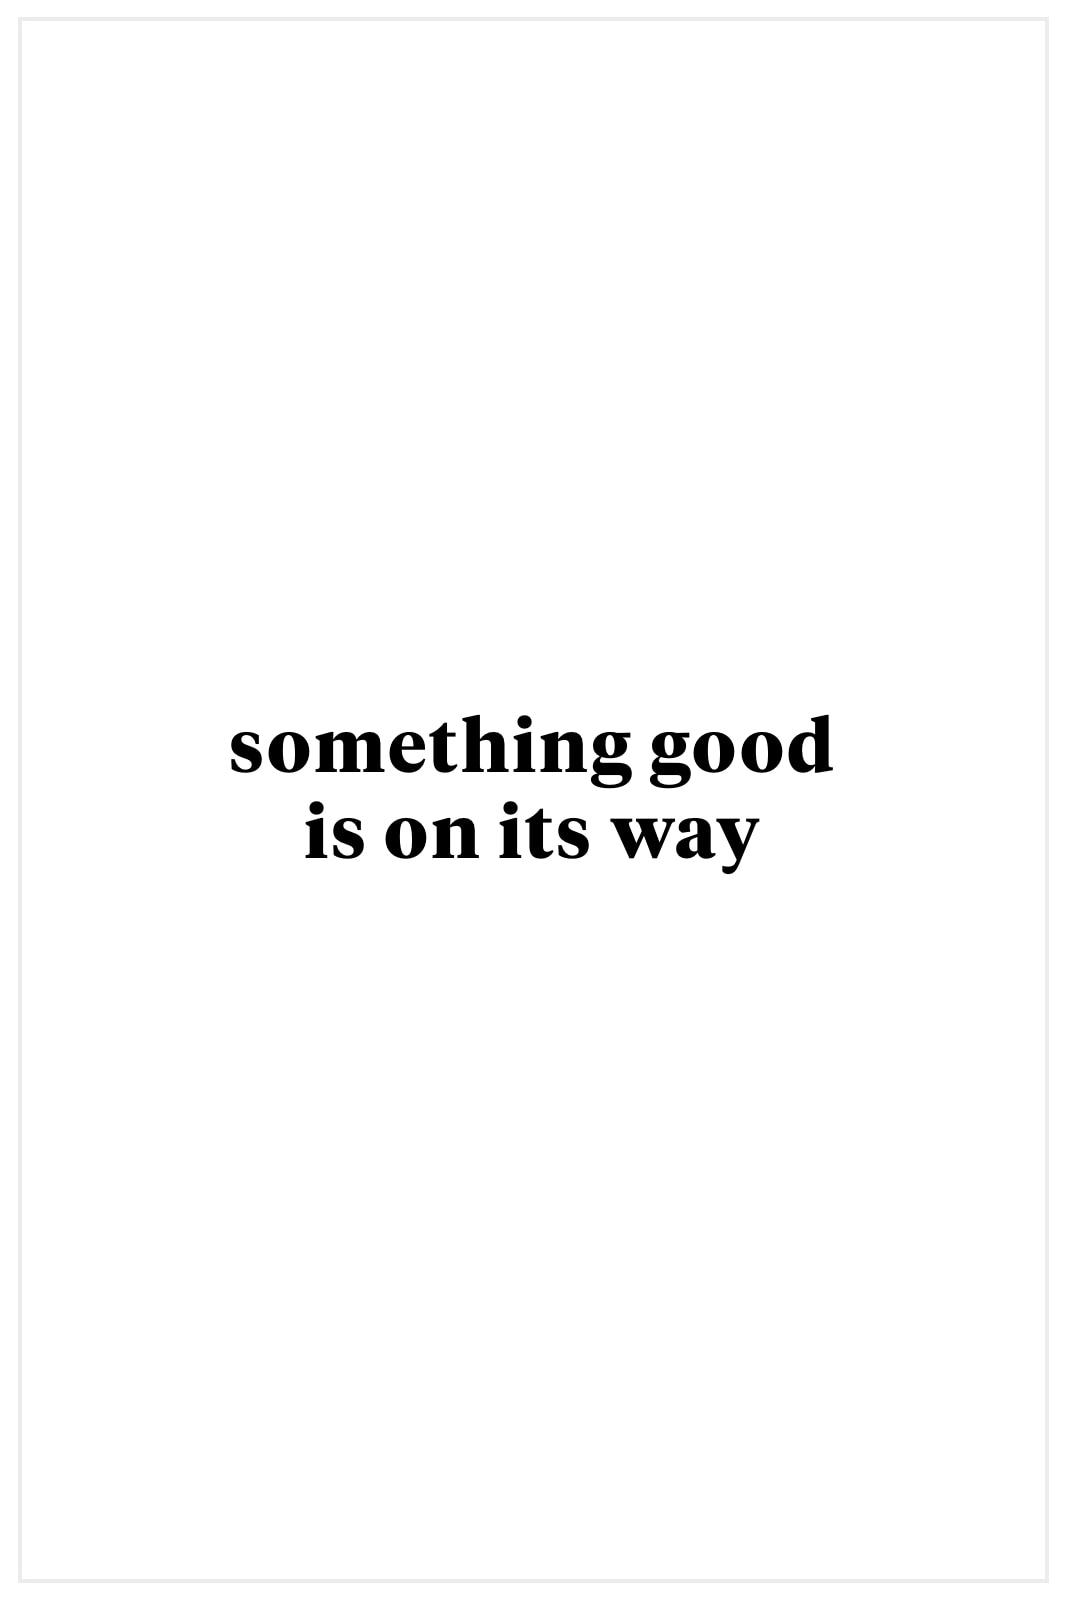 Whitley Legging